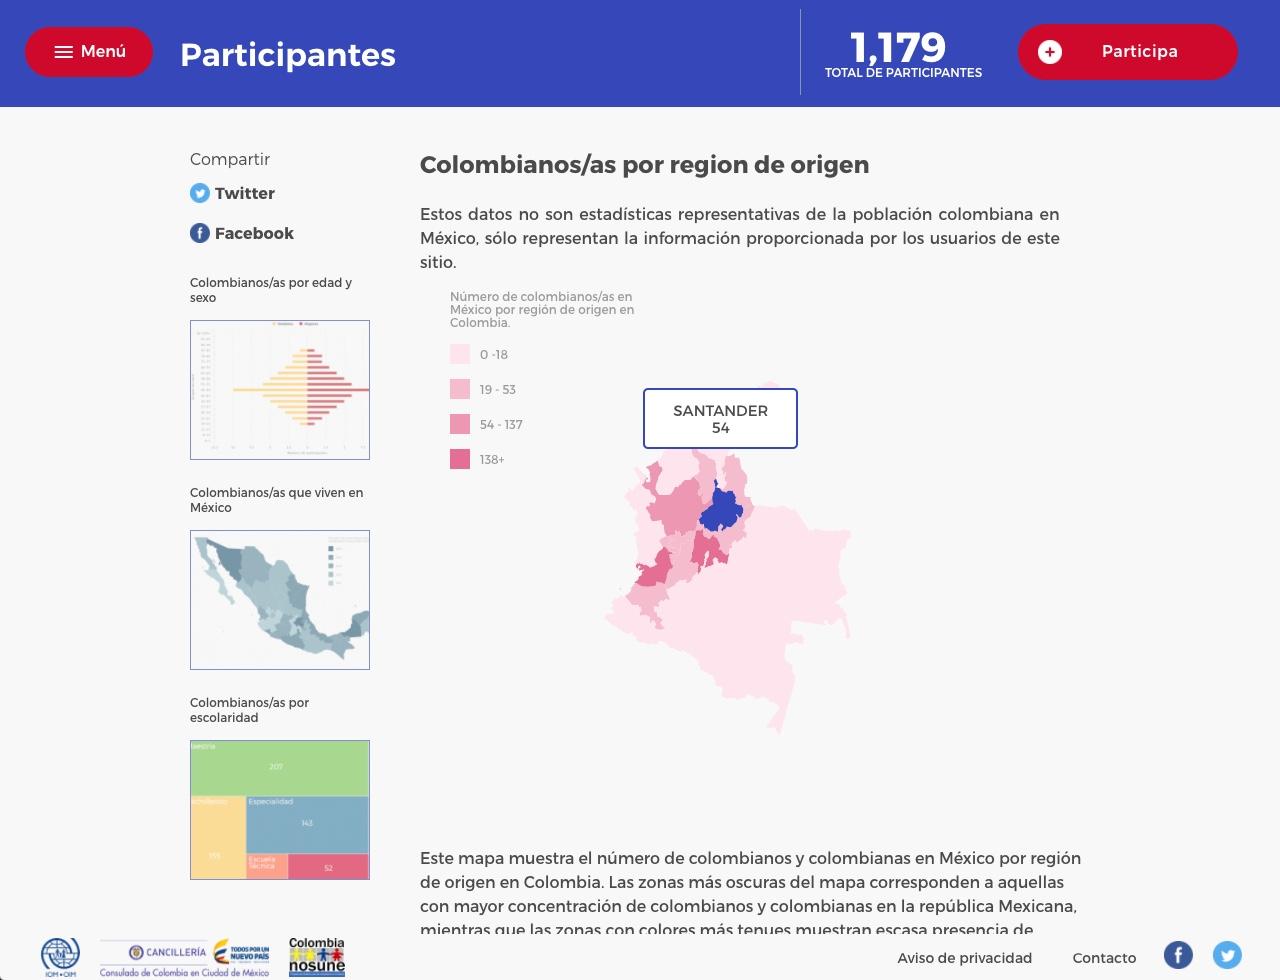 Colombianas y colombianos que residen en México y han participado en el formulario según su región se origen.